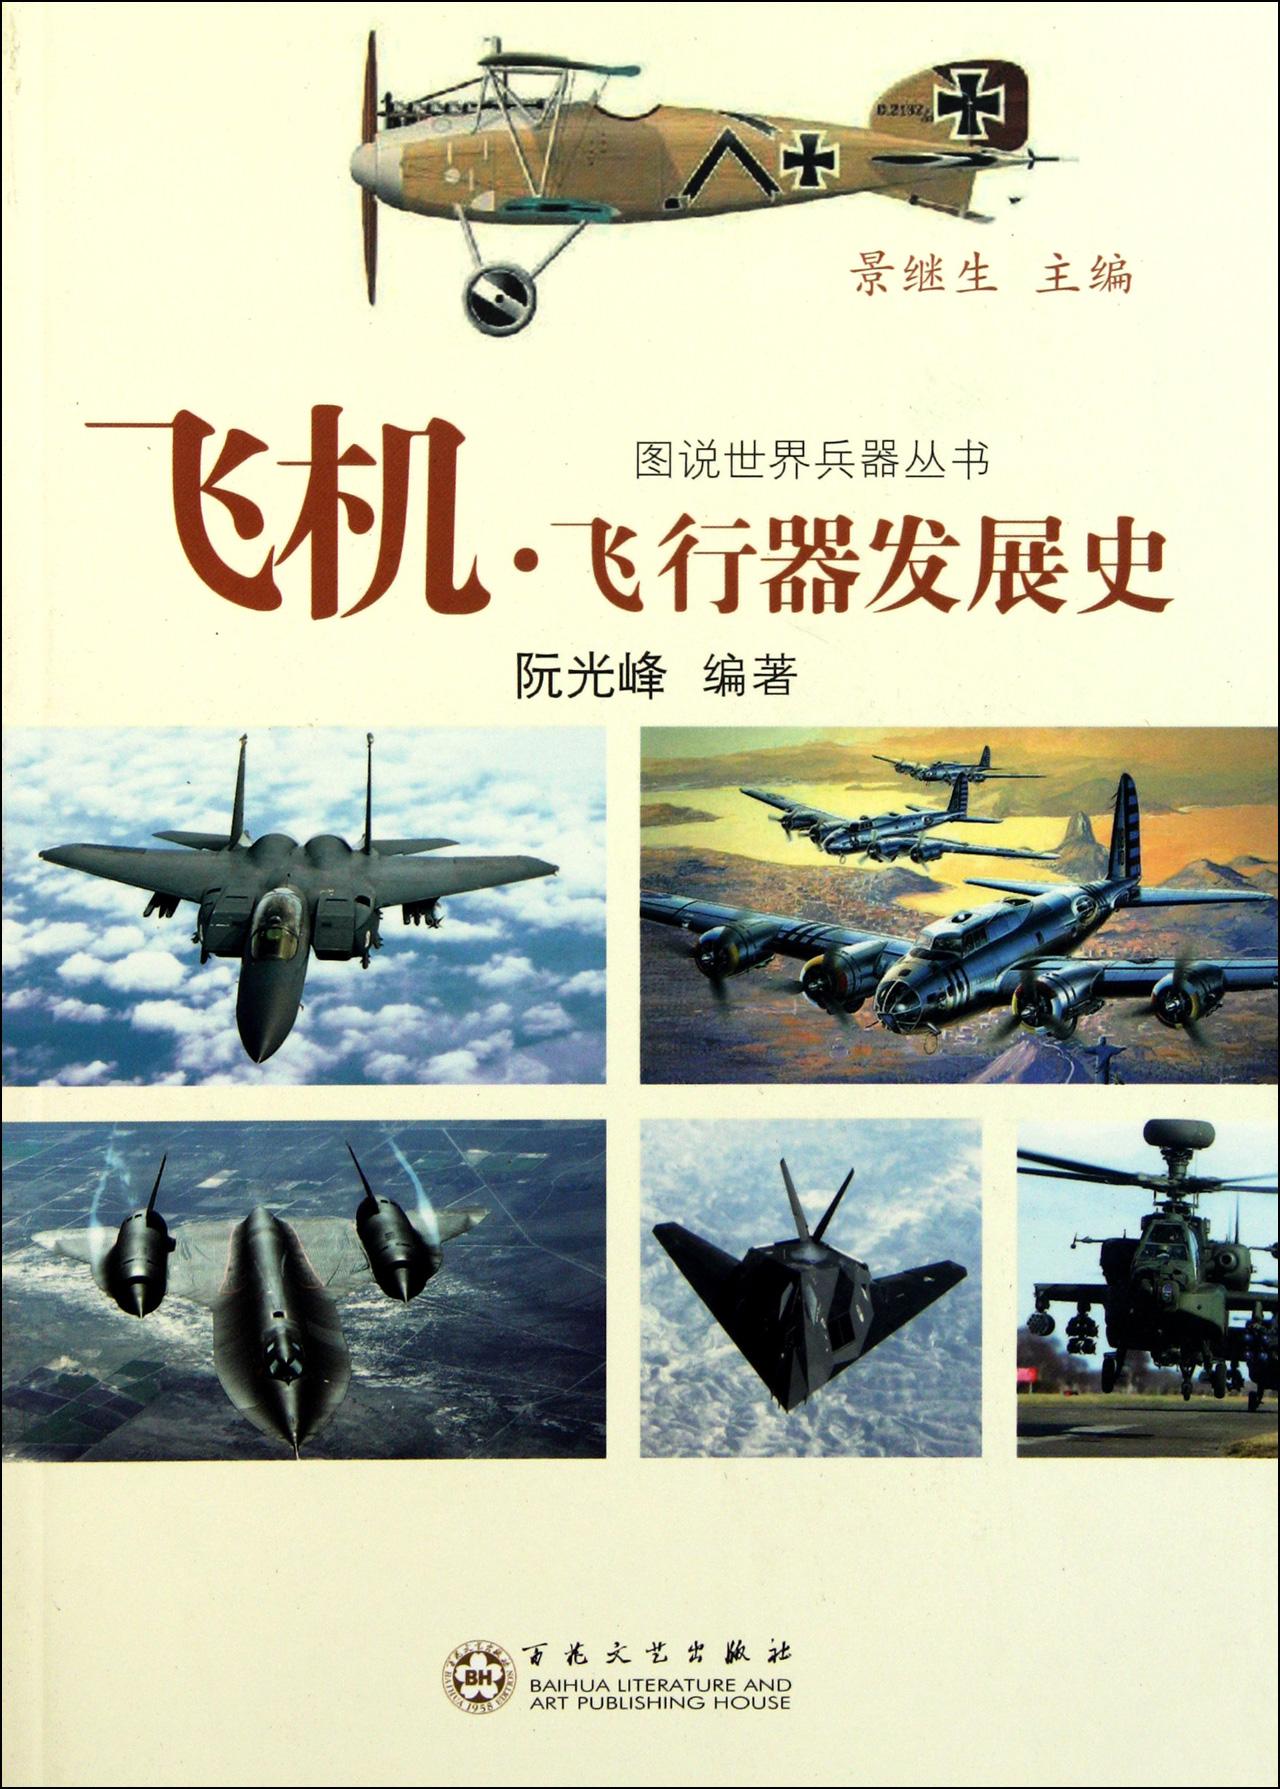 飞机飞行器发展史